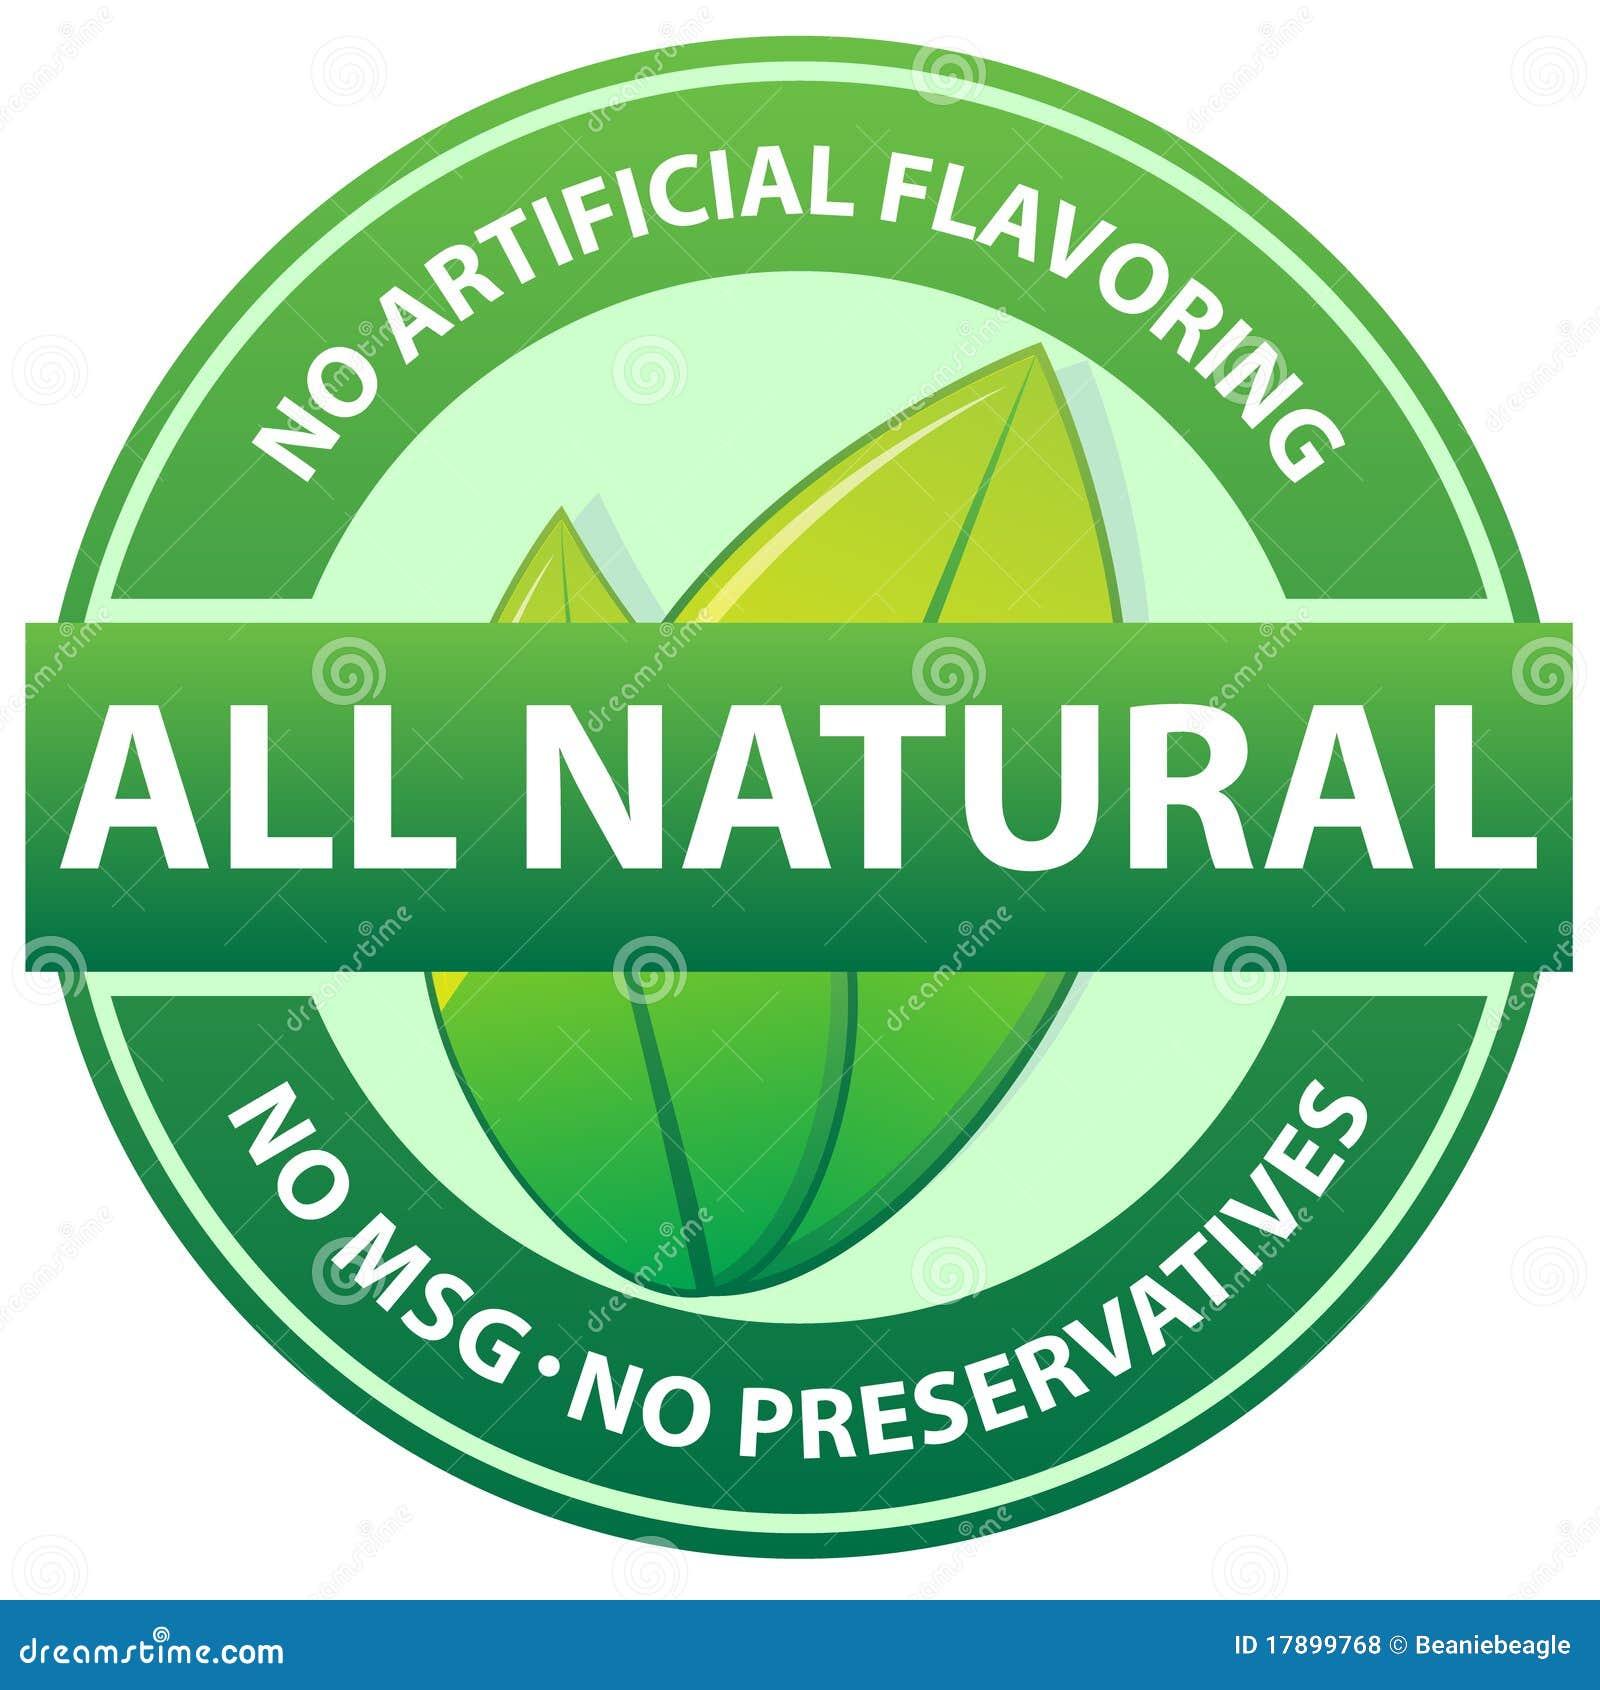 All Natural Food Seal